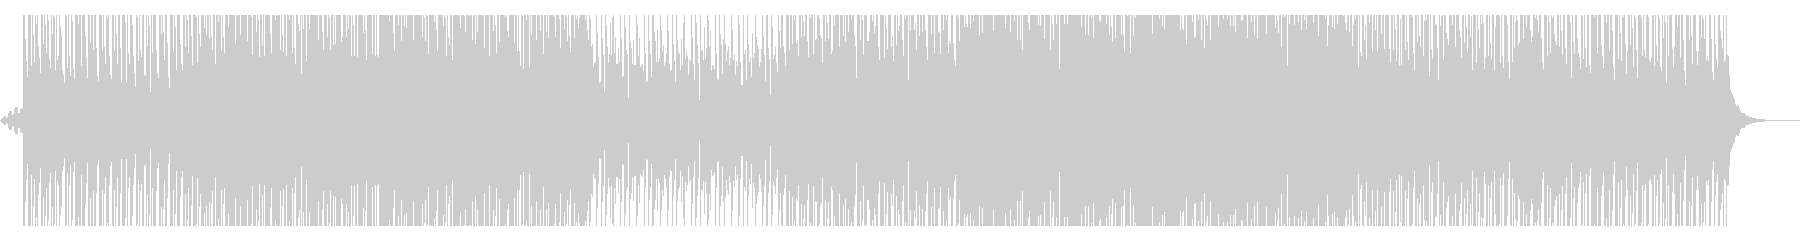 トロピカルハウスの未再生の波形